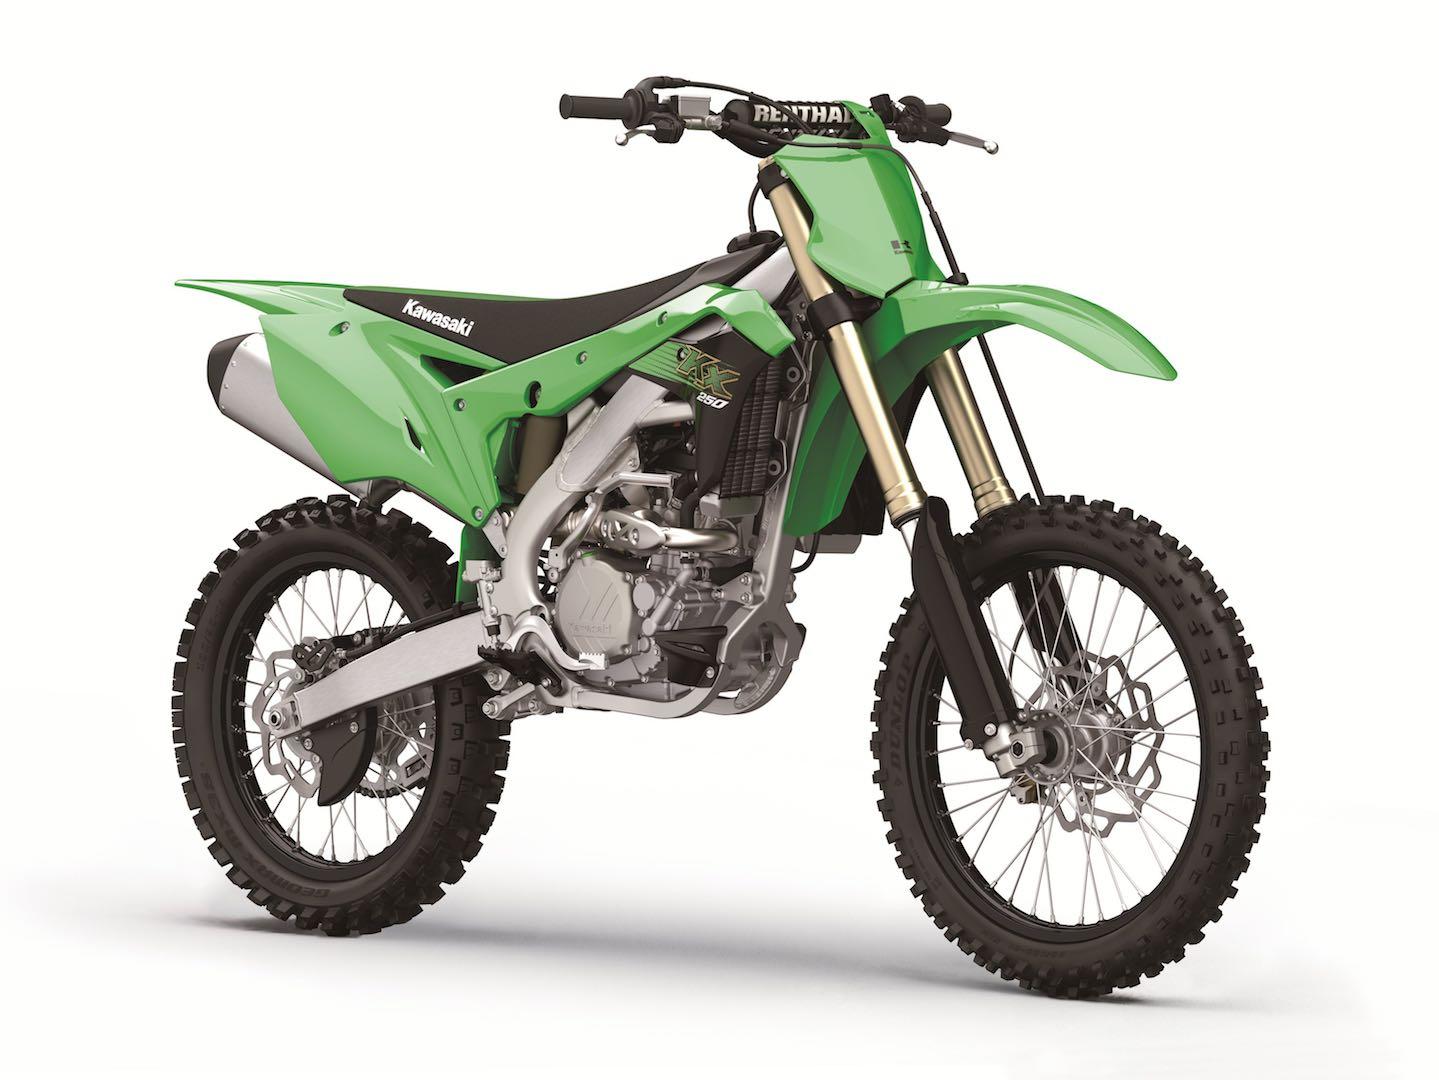 Kawasaki's revised 2020 MX motocrosser